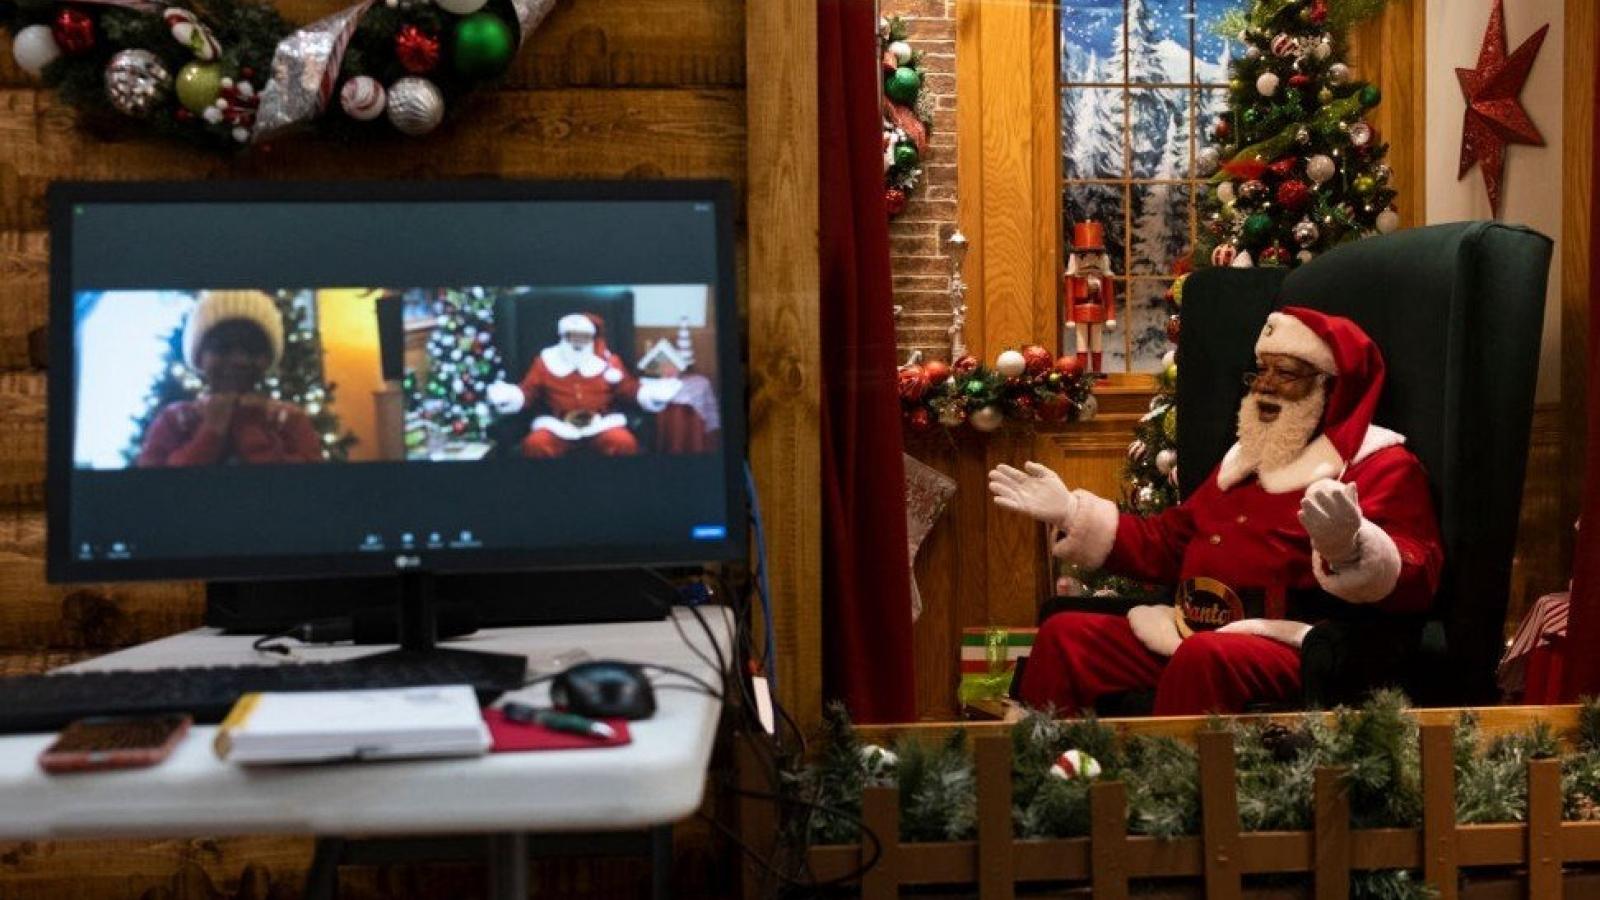 Giáng sinh thời Covid: Ông già Noel trực tuyến, bữa tối qua Zoom